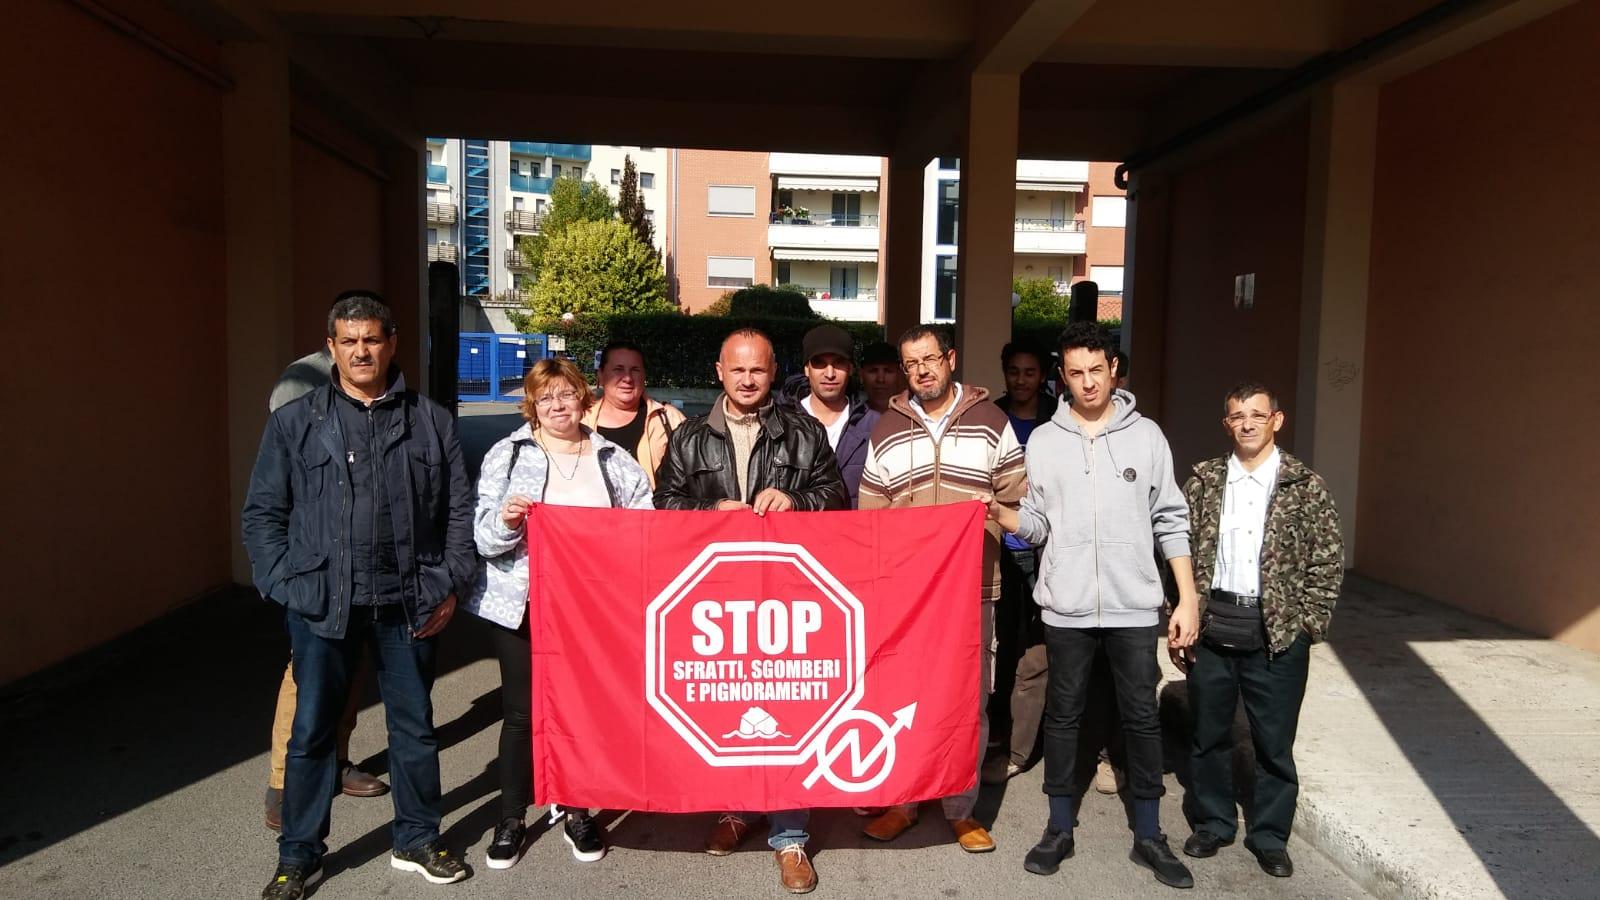 Tre sfratti bloccati in un'altra settimana di lotta per il diritto all'abitare